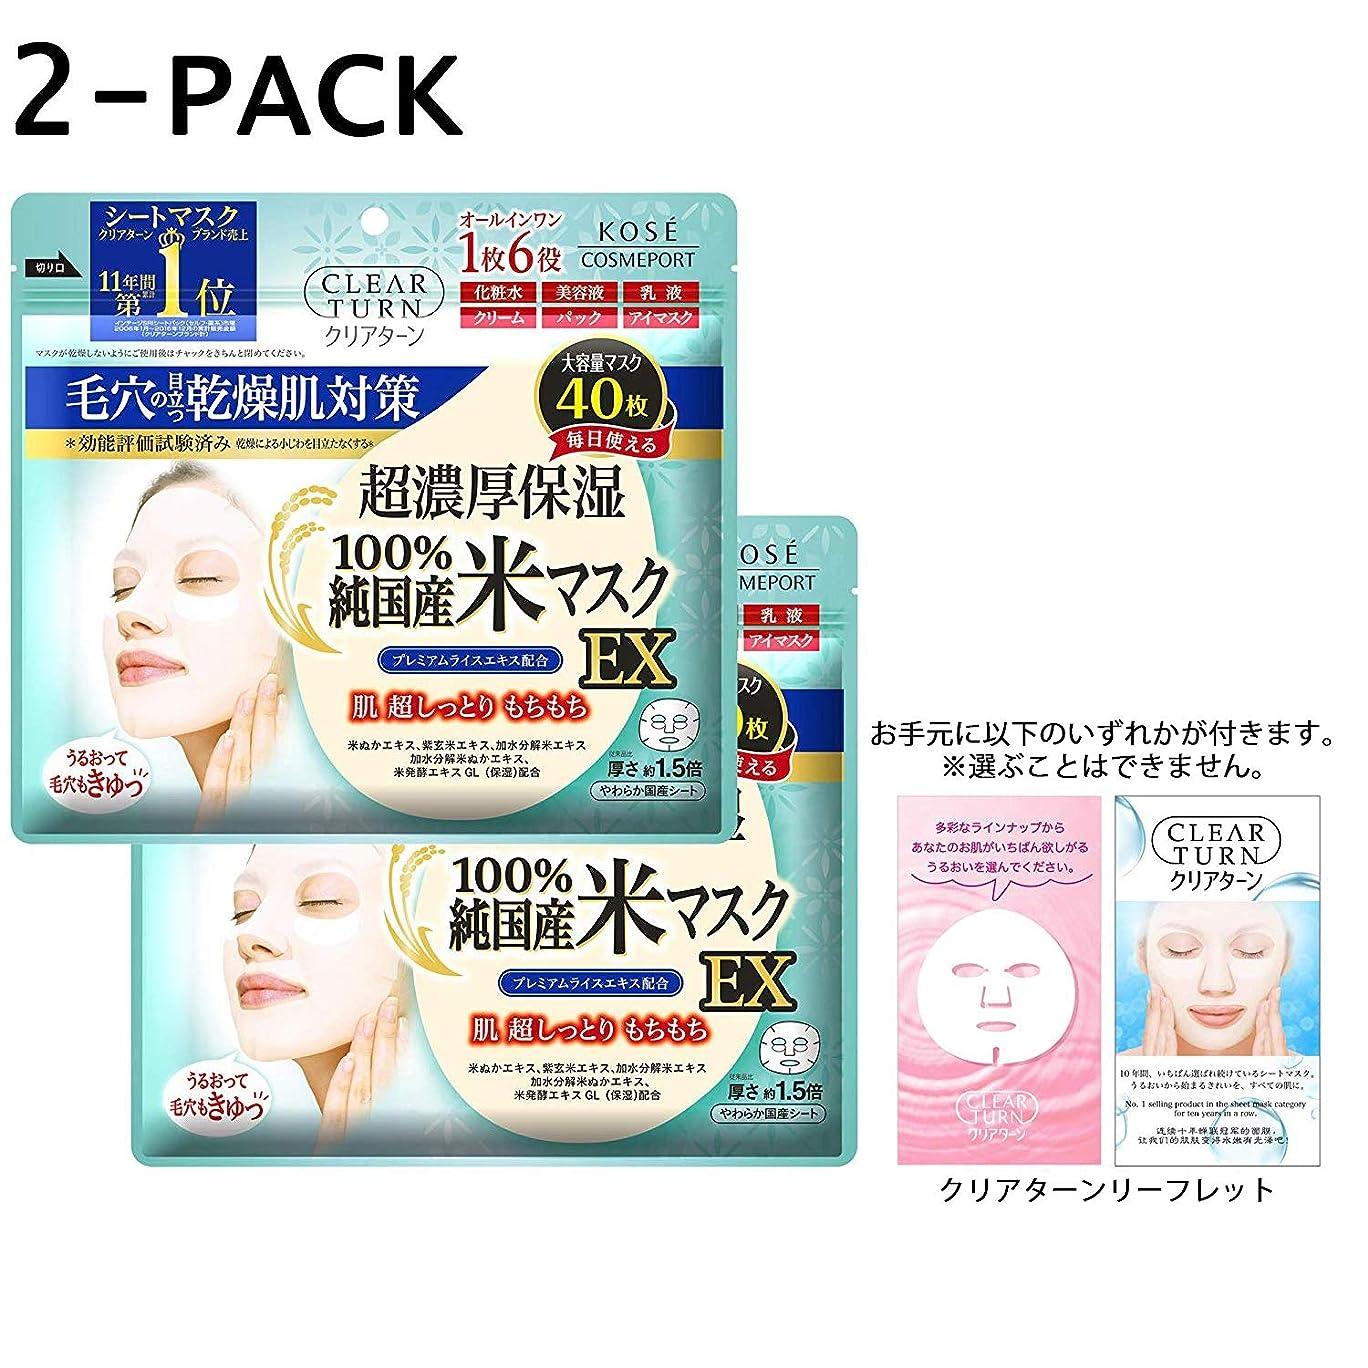 累計偉業酔って【Amazon.co.jp限定】KOSE クリアターン 純国産米マスク EX 40枚入 2P+リーフレット付き